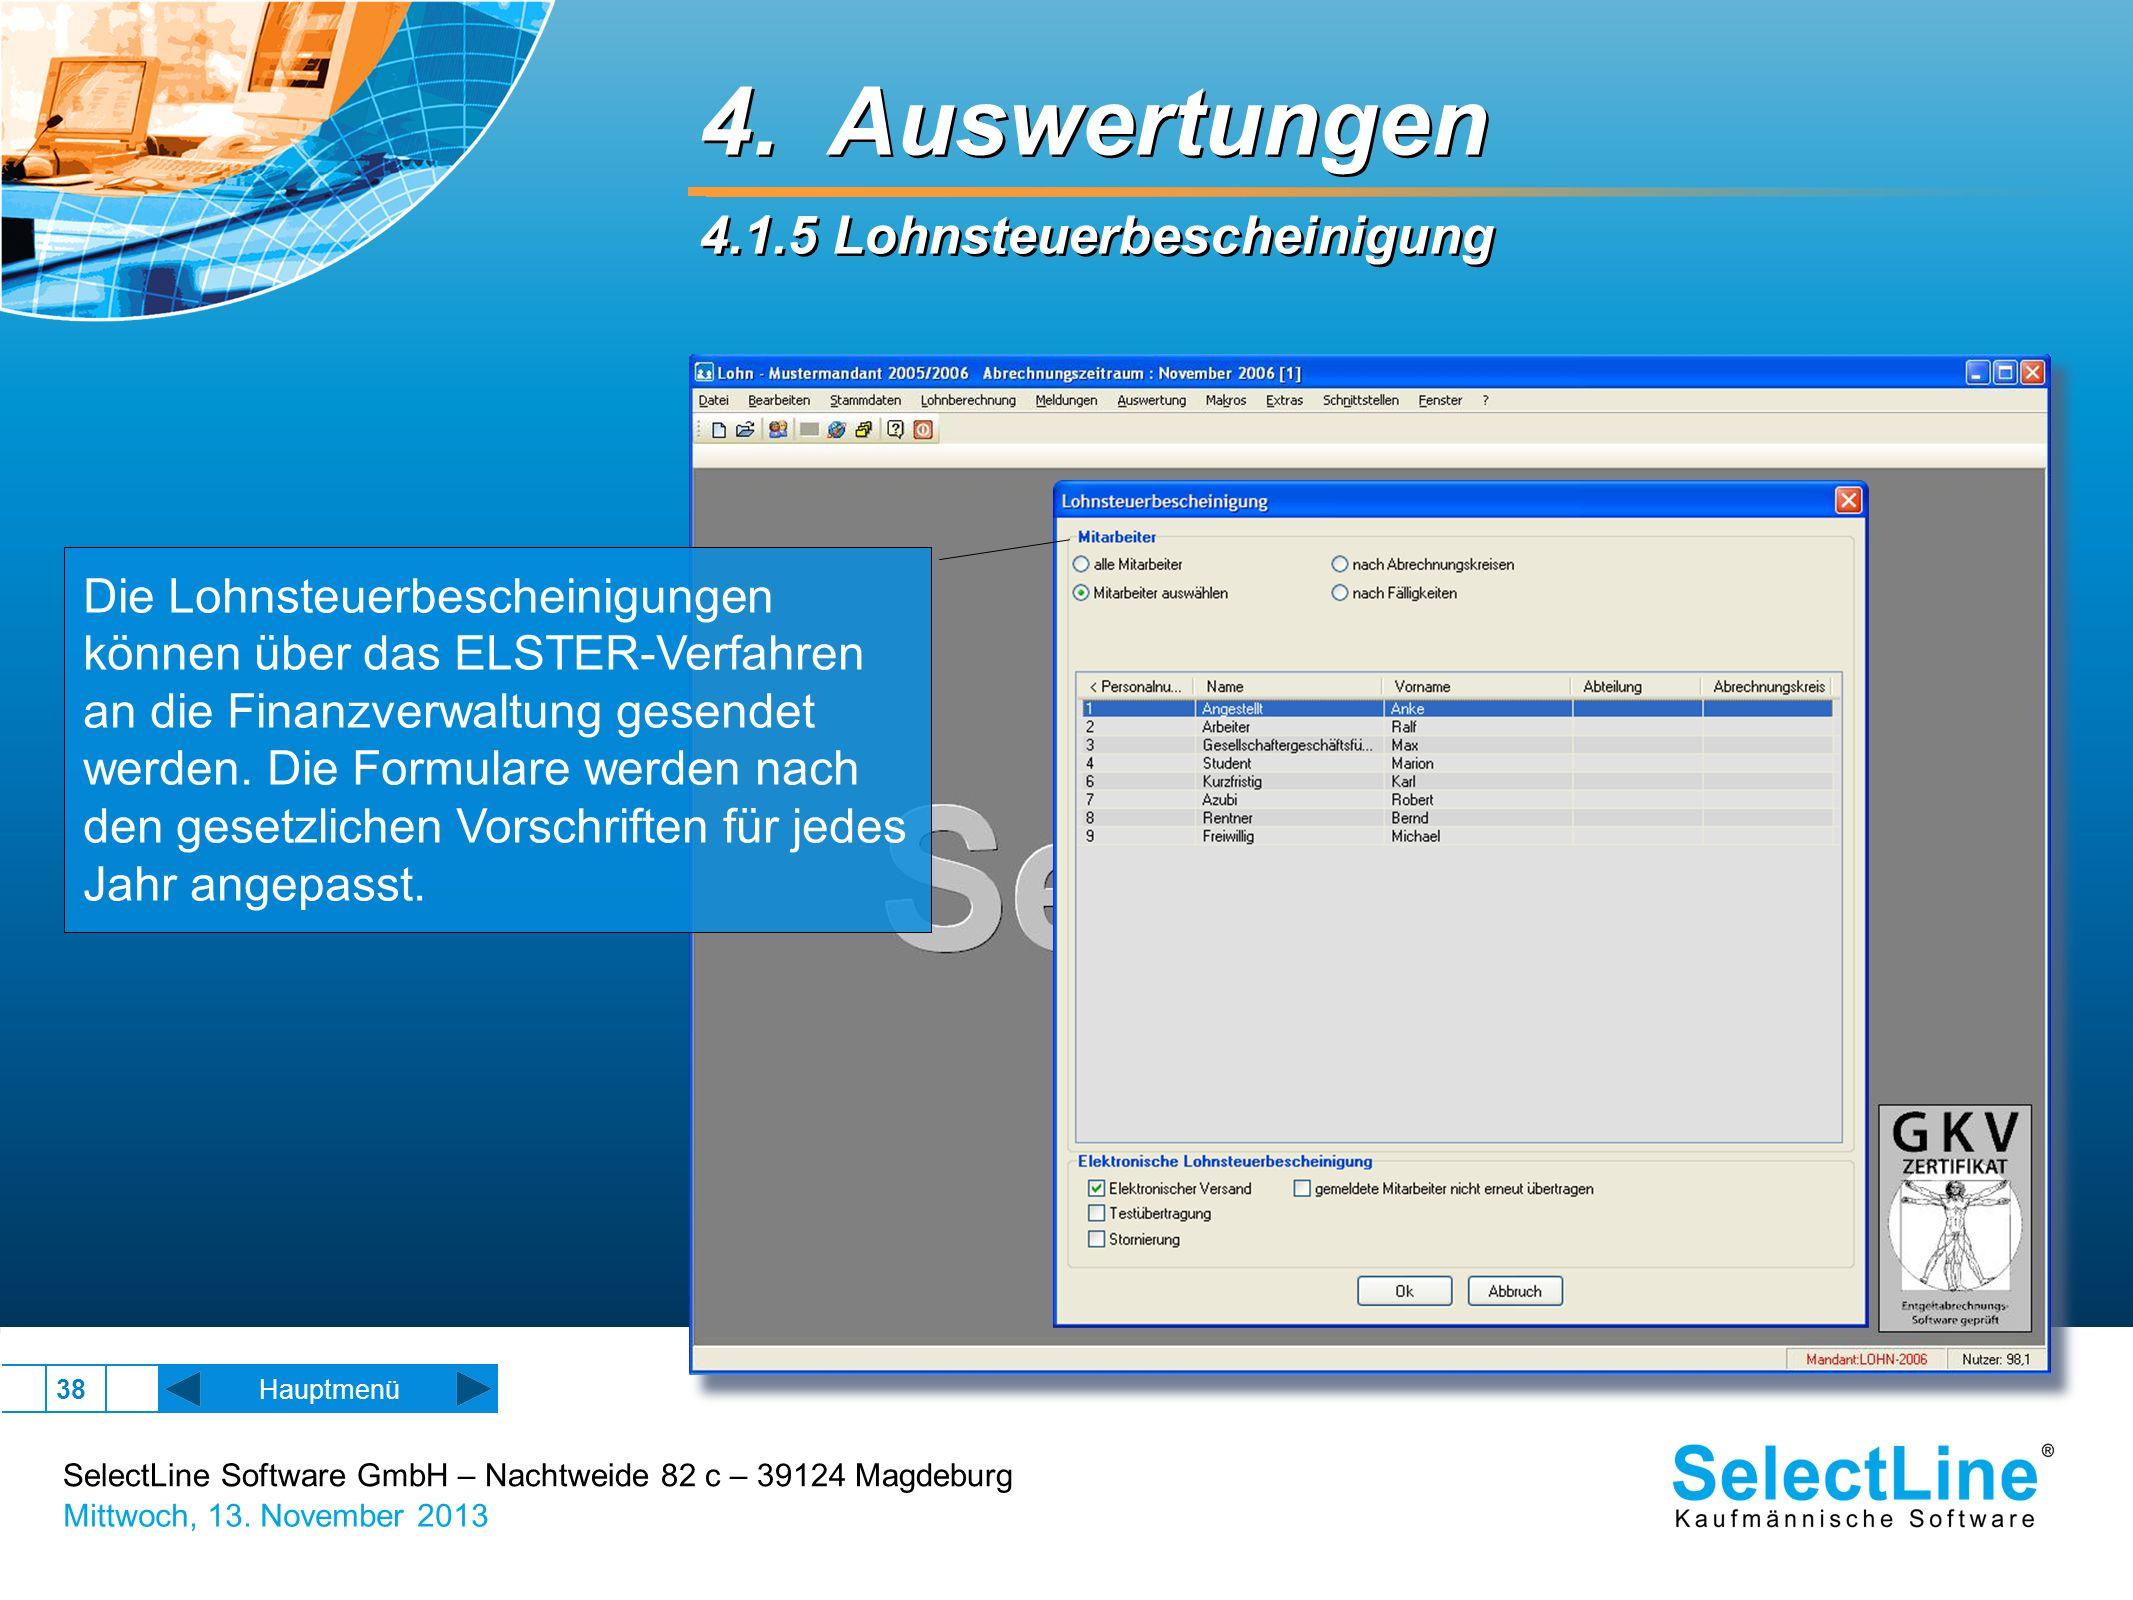 SelectLine Software GmbH – Nachtweide 82 c – 39124 Magdeburg Mittwoch, 13. November 2013 38 Hauptmenü 4. Auswertungen 4.1.5 Lohnsteuerbescheinigung 4.